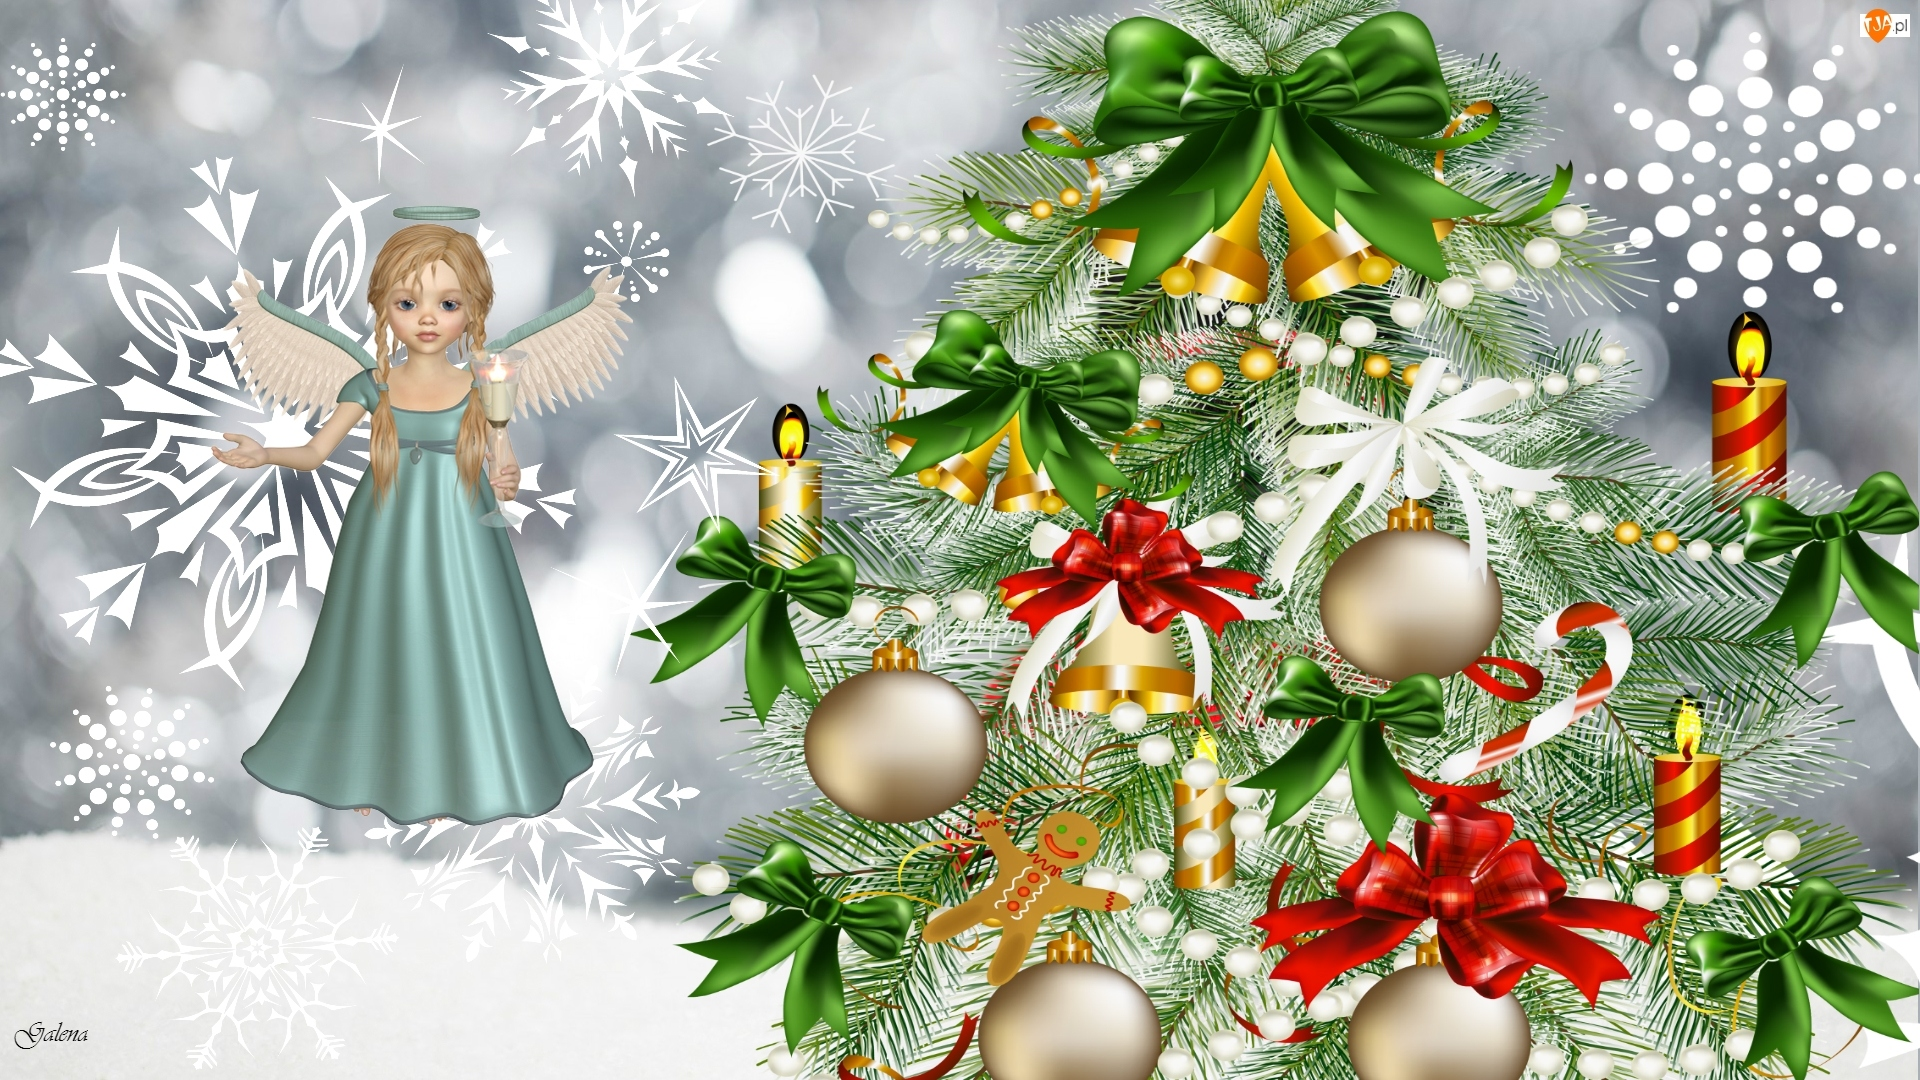 Anioł, Grafika 2D, Choinka, Boże Narodzenie